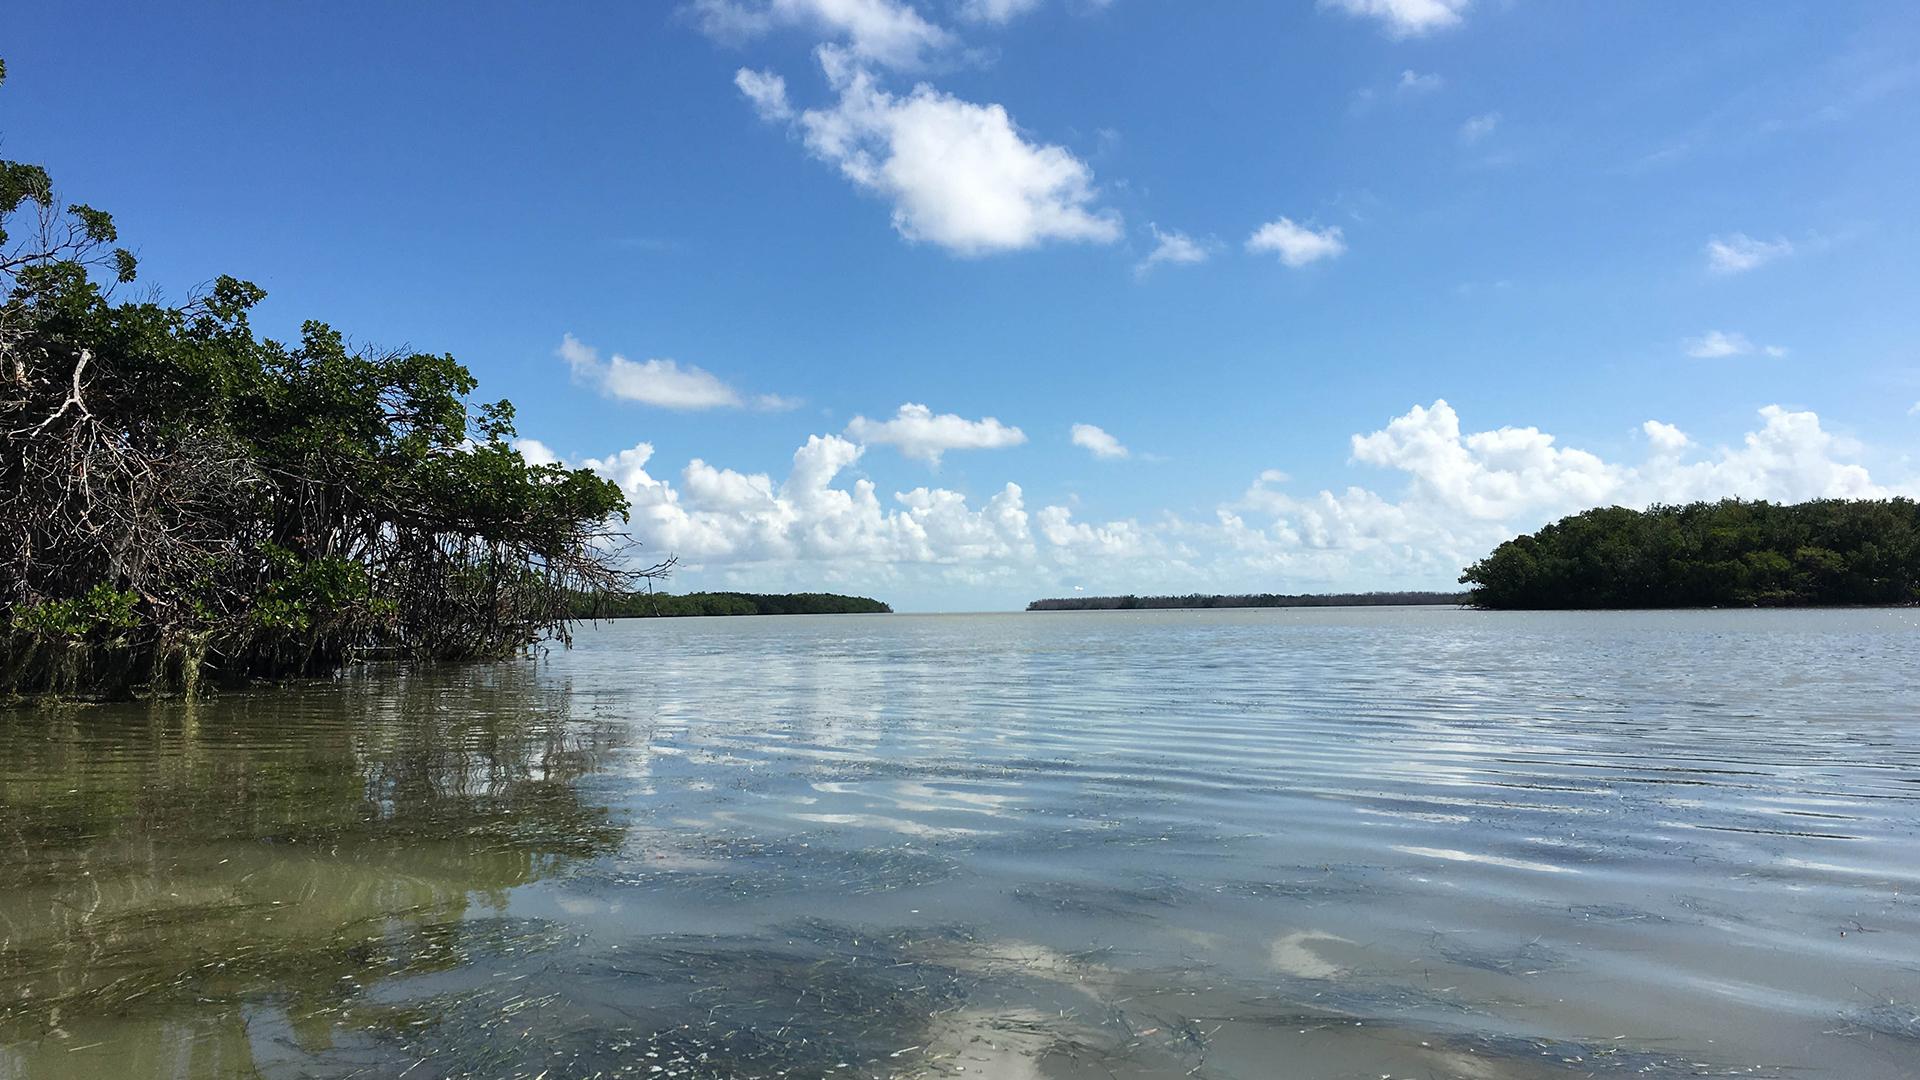 Flamingo-Campround-Everglades-National-Park-Airstream